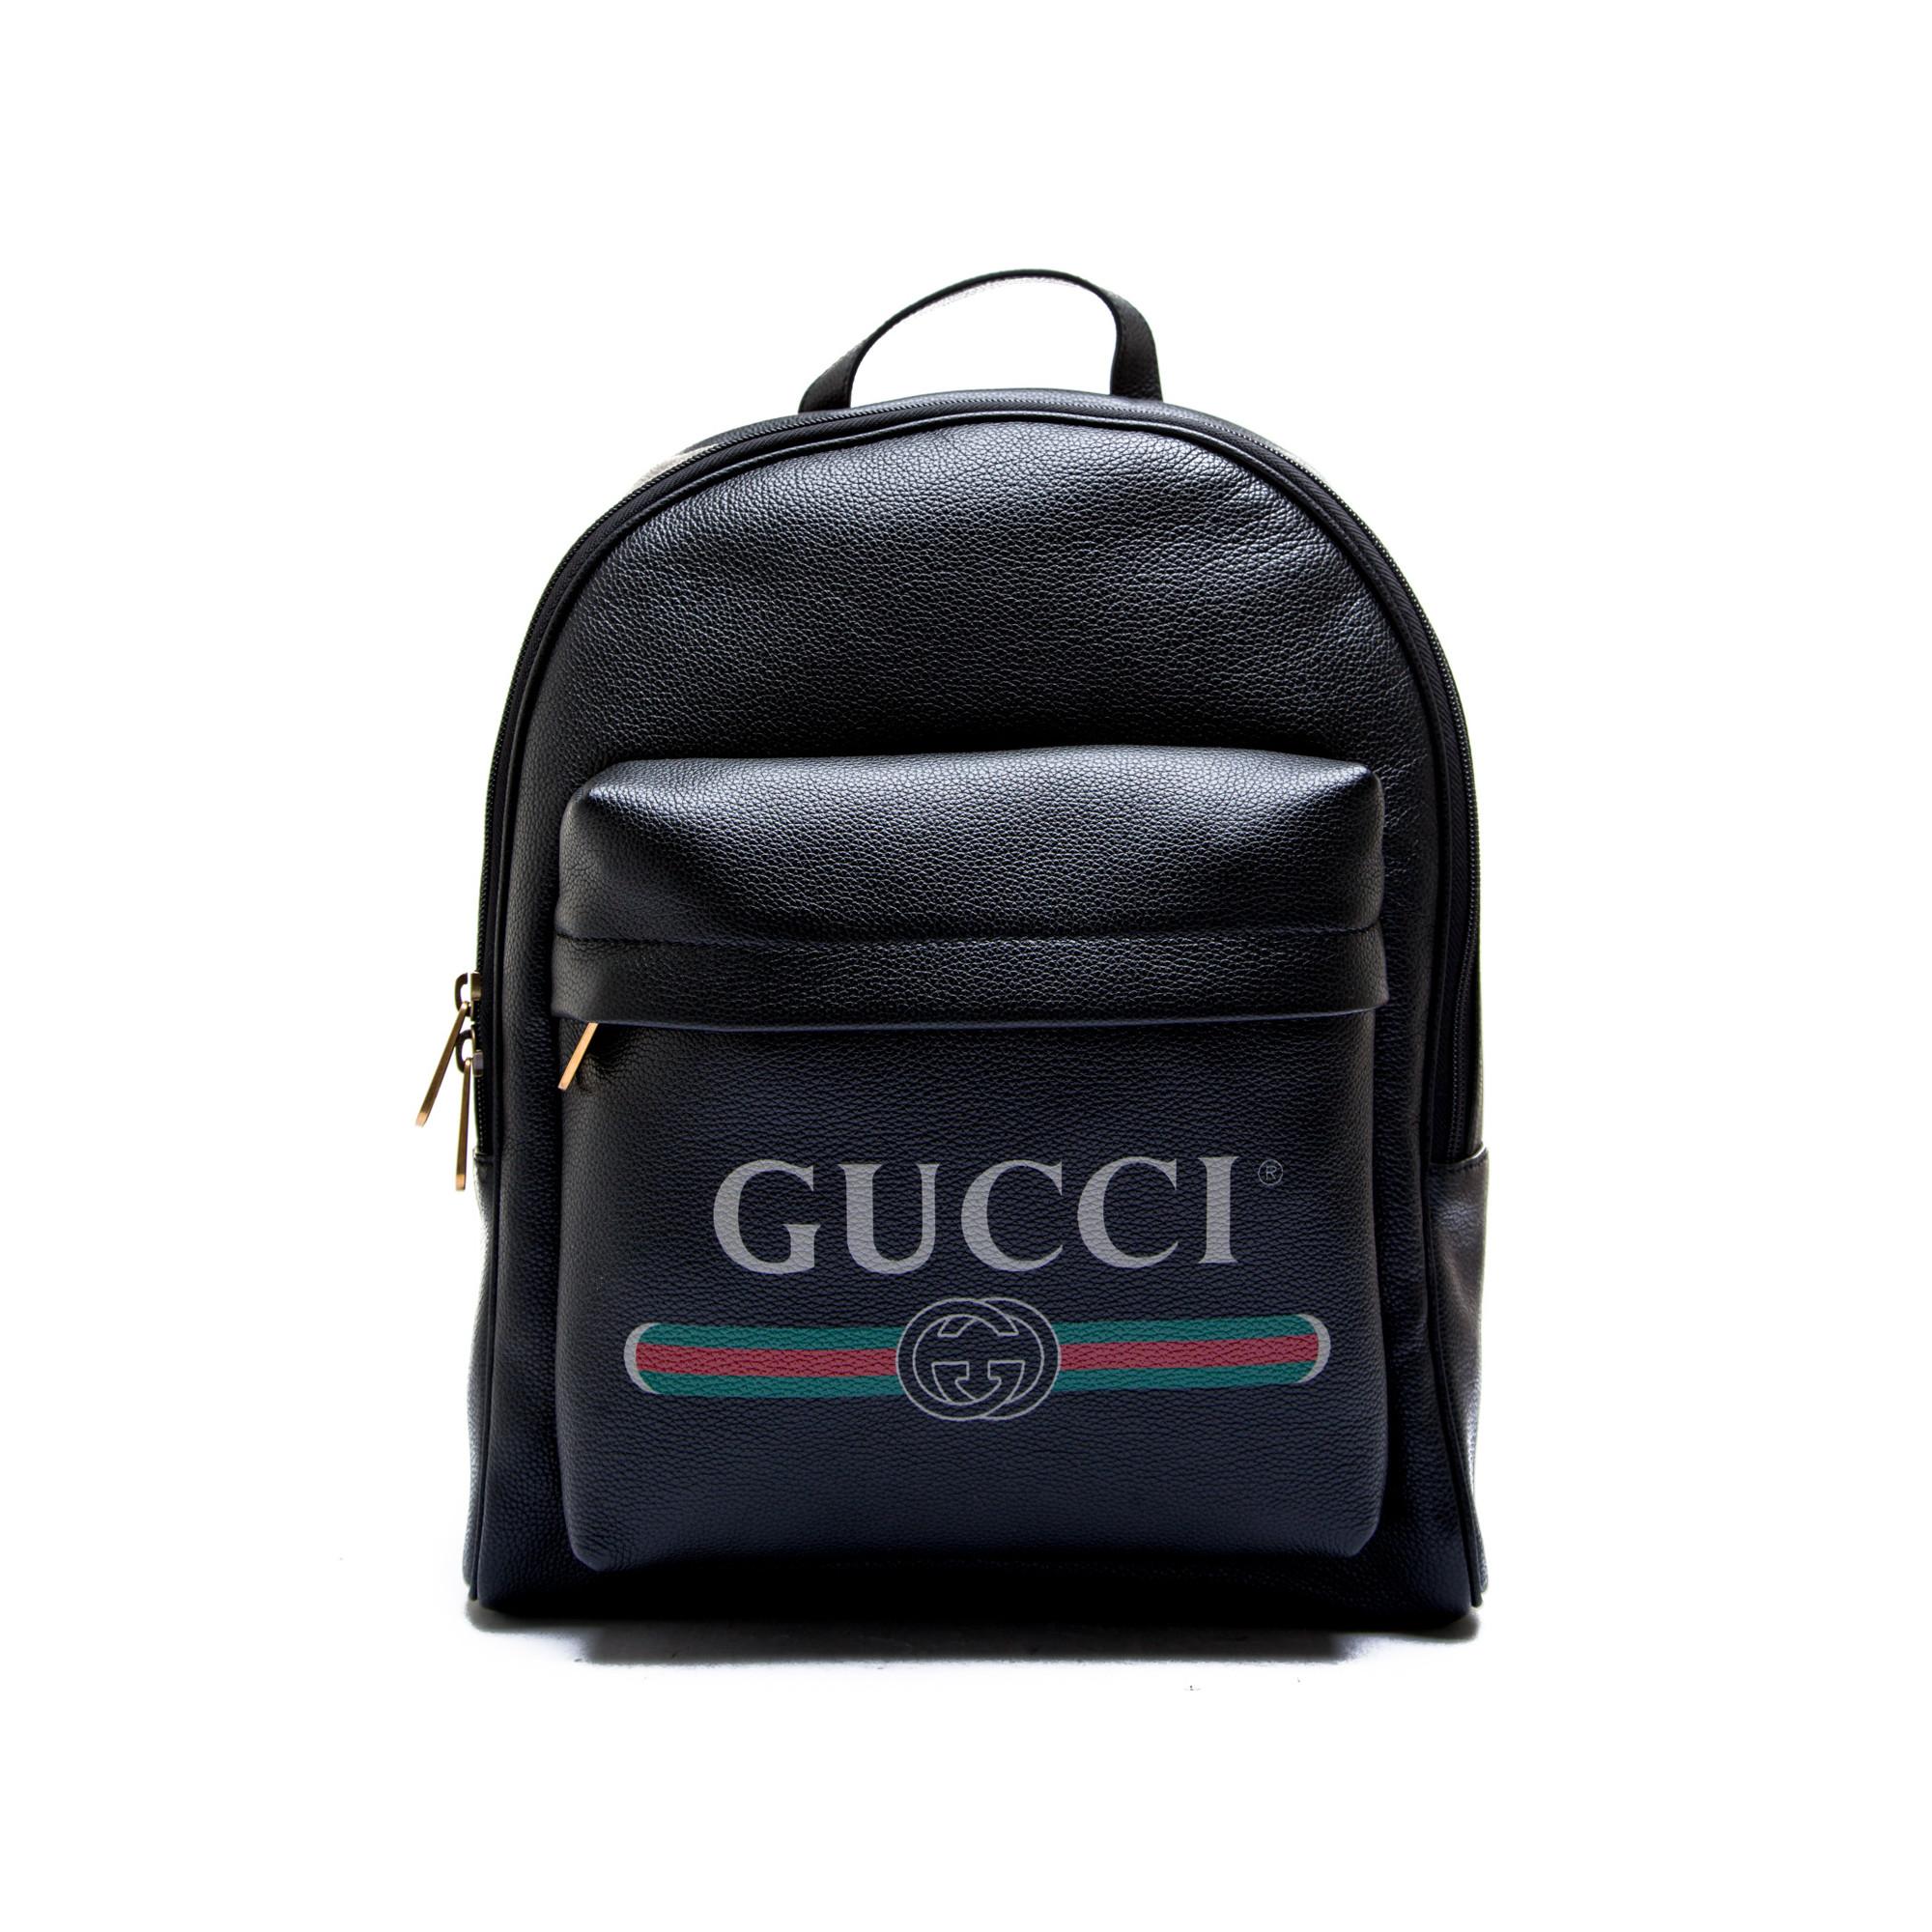 59516521d7 Gucci backpack Gucci backpack - www.derodeloper.com - Derodeloper. ...